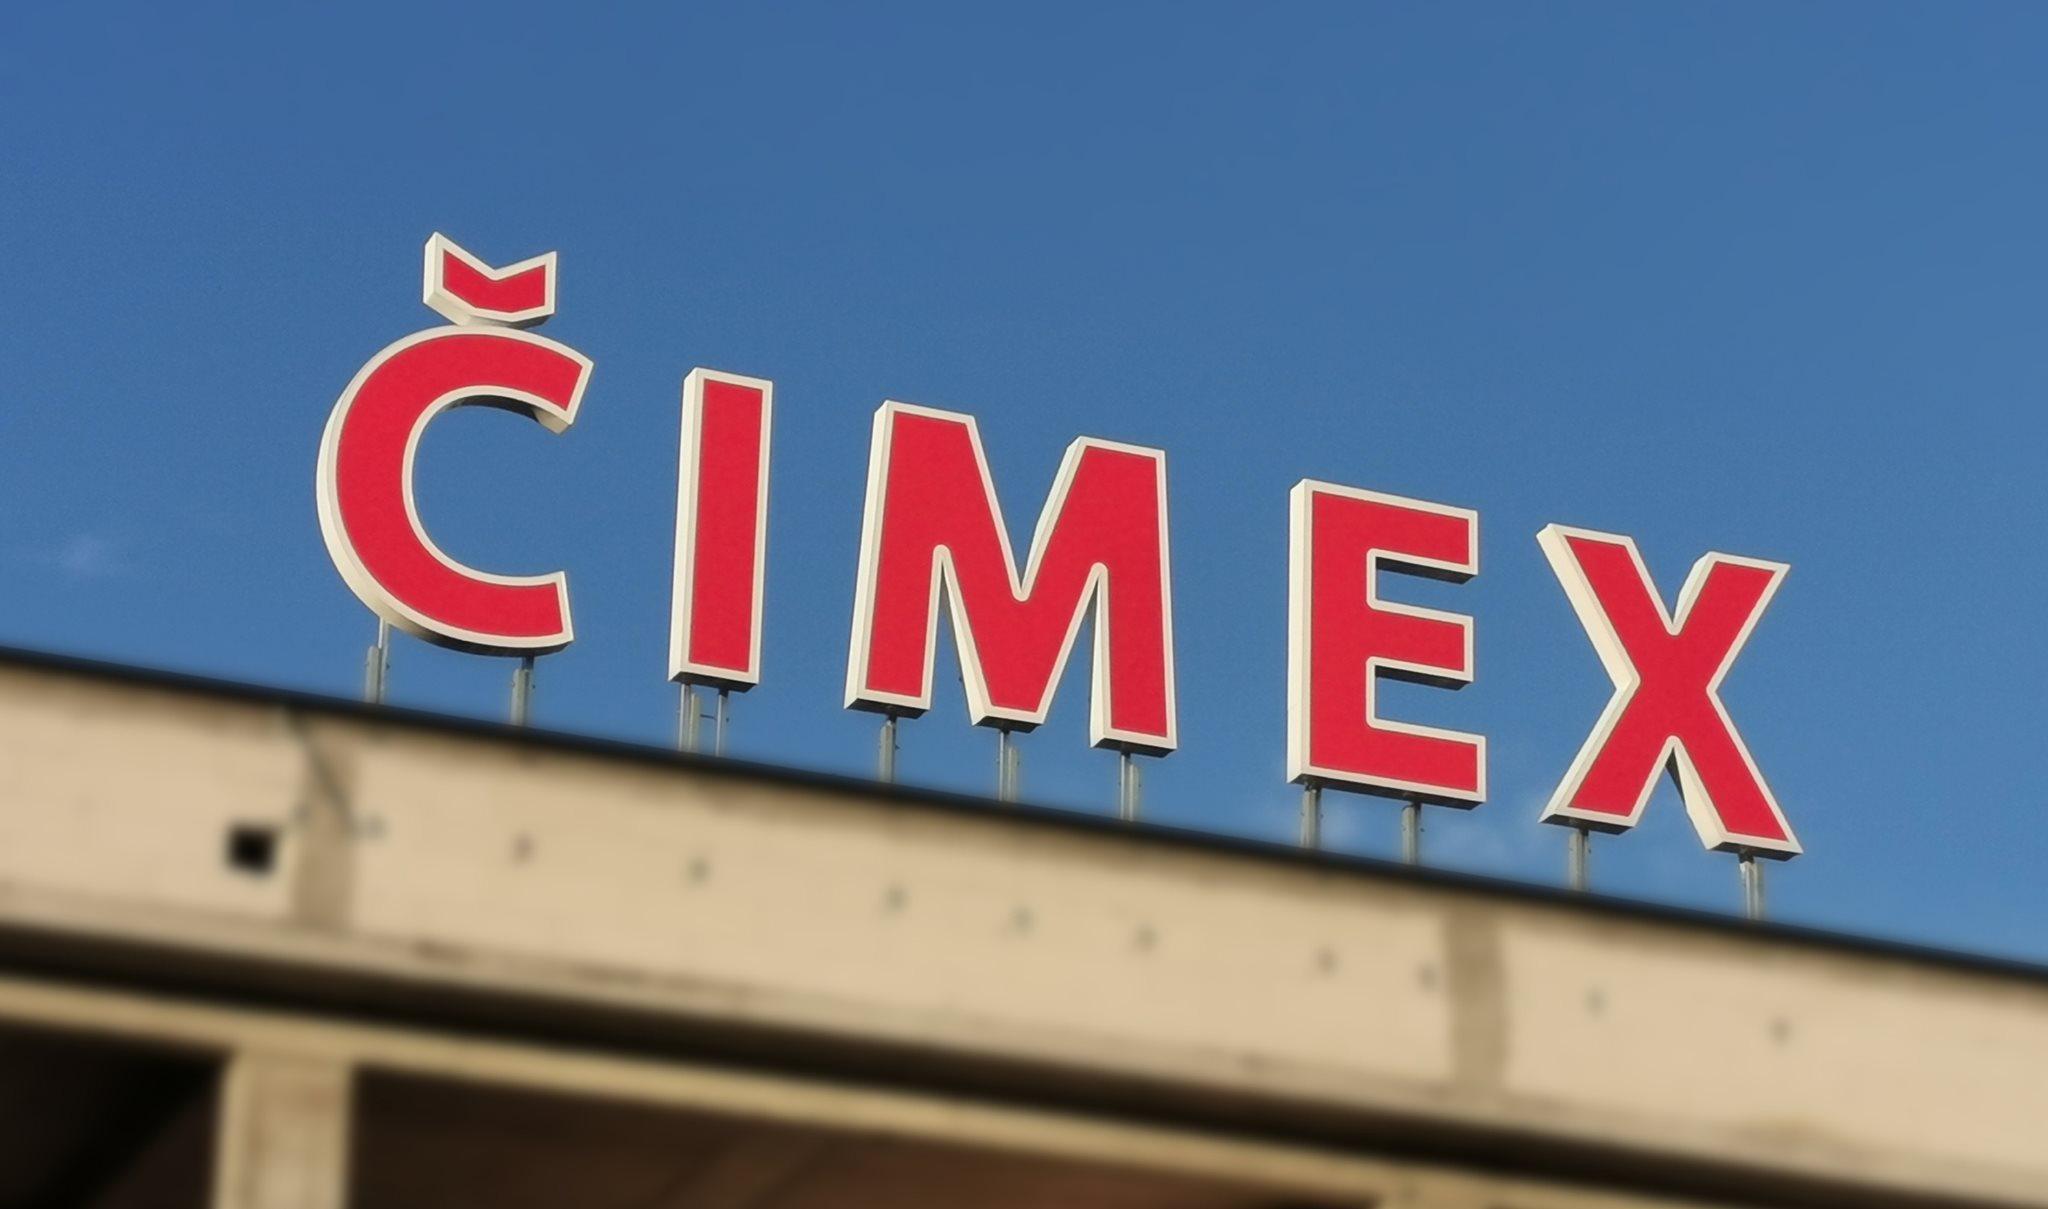 36-cimex